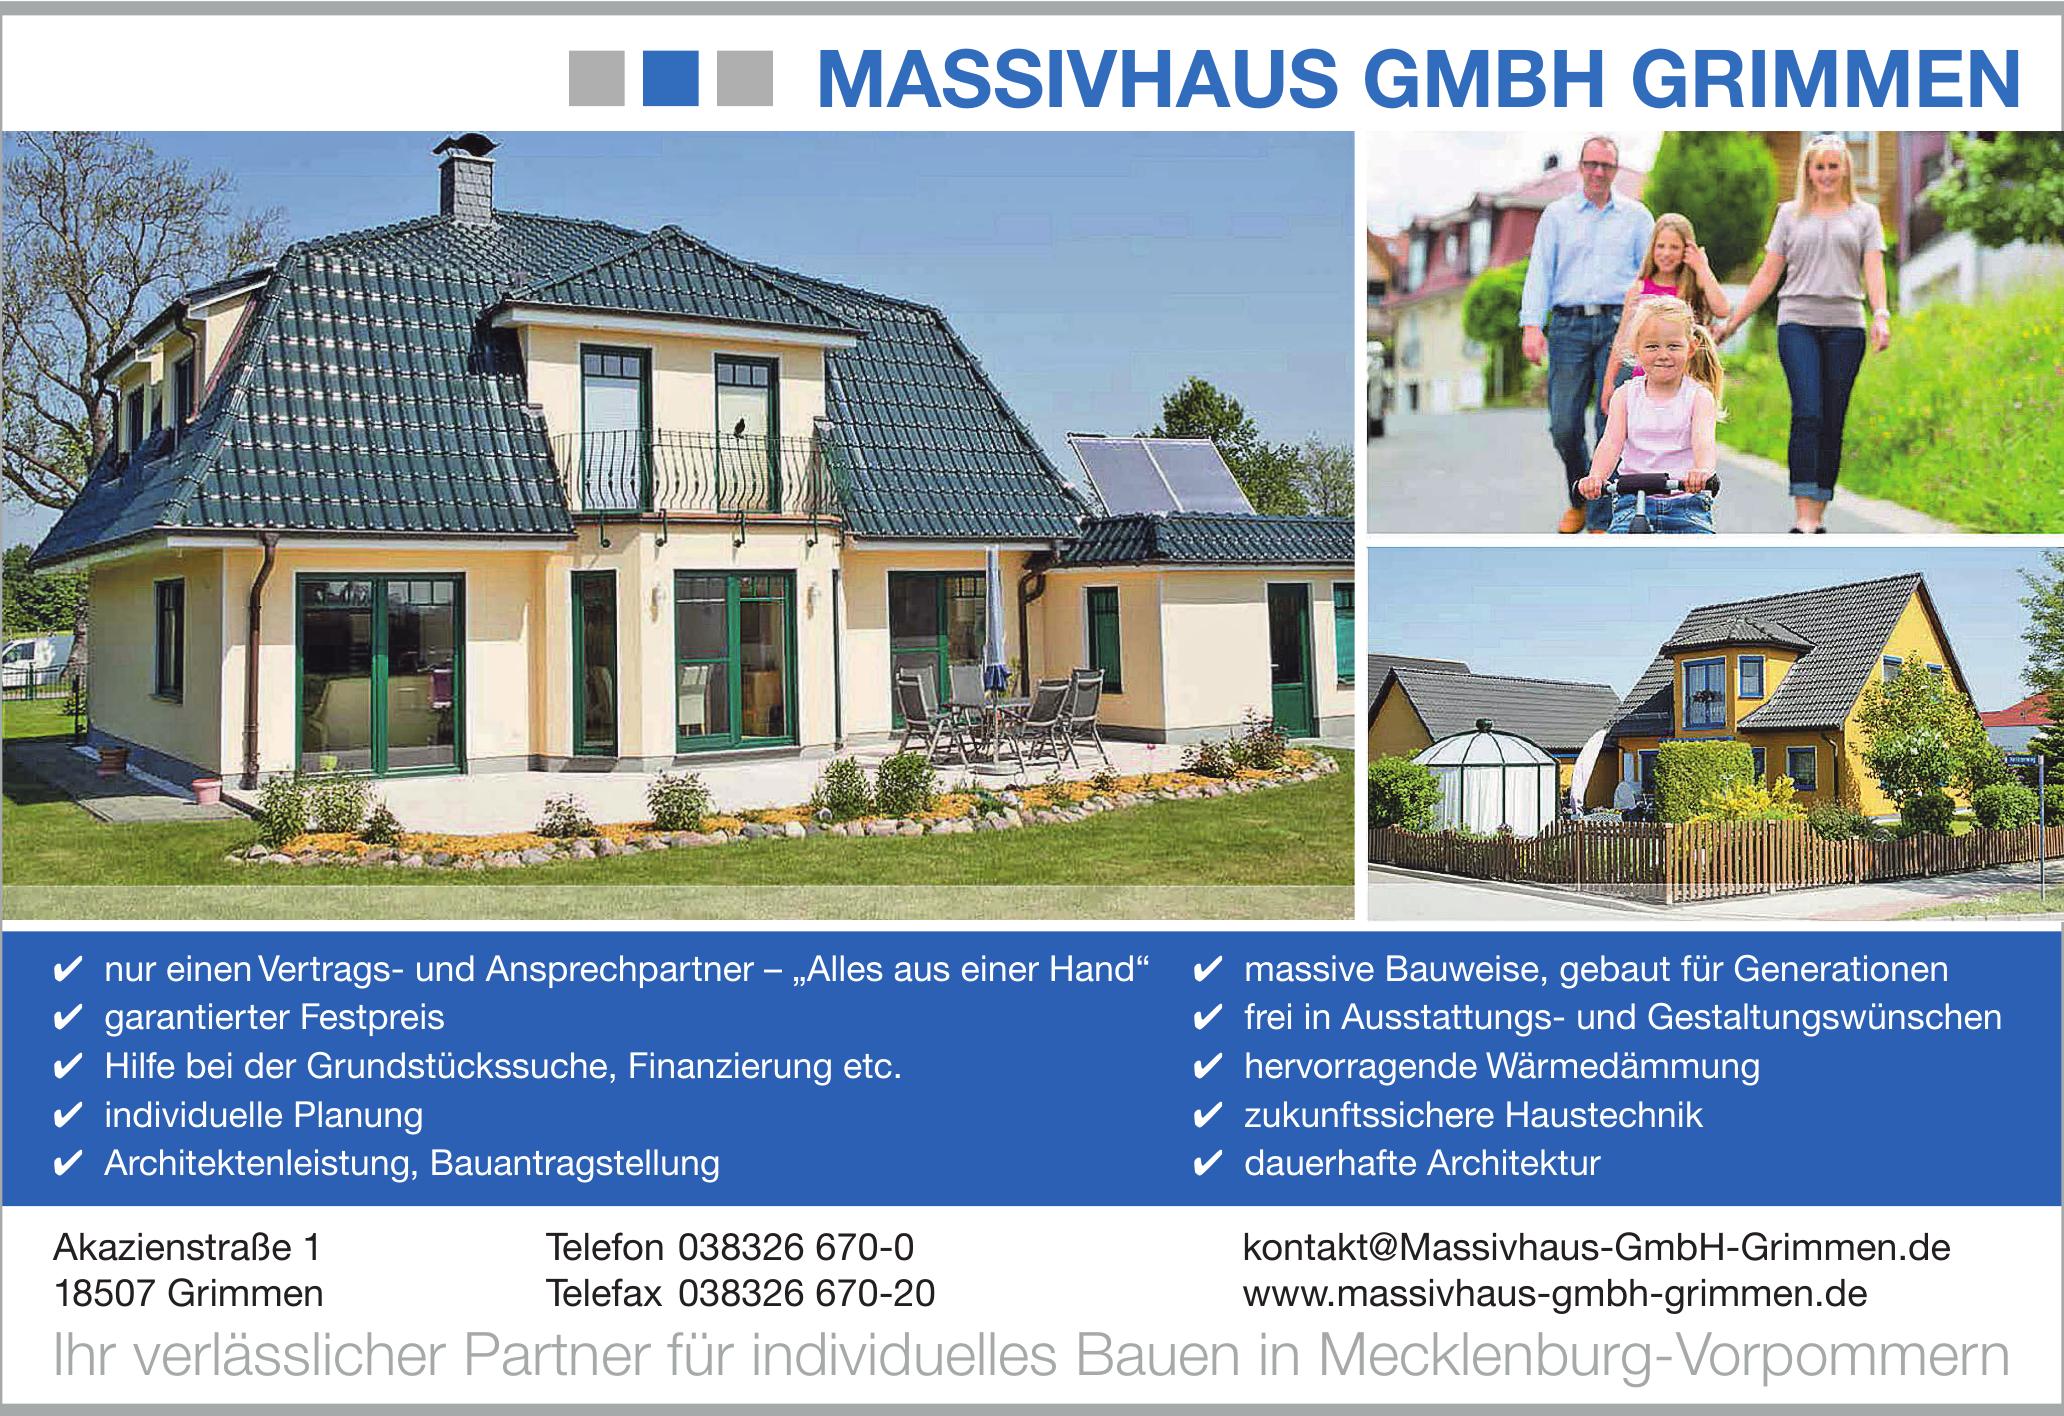 Massivhaus GmbH Grimmen